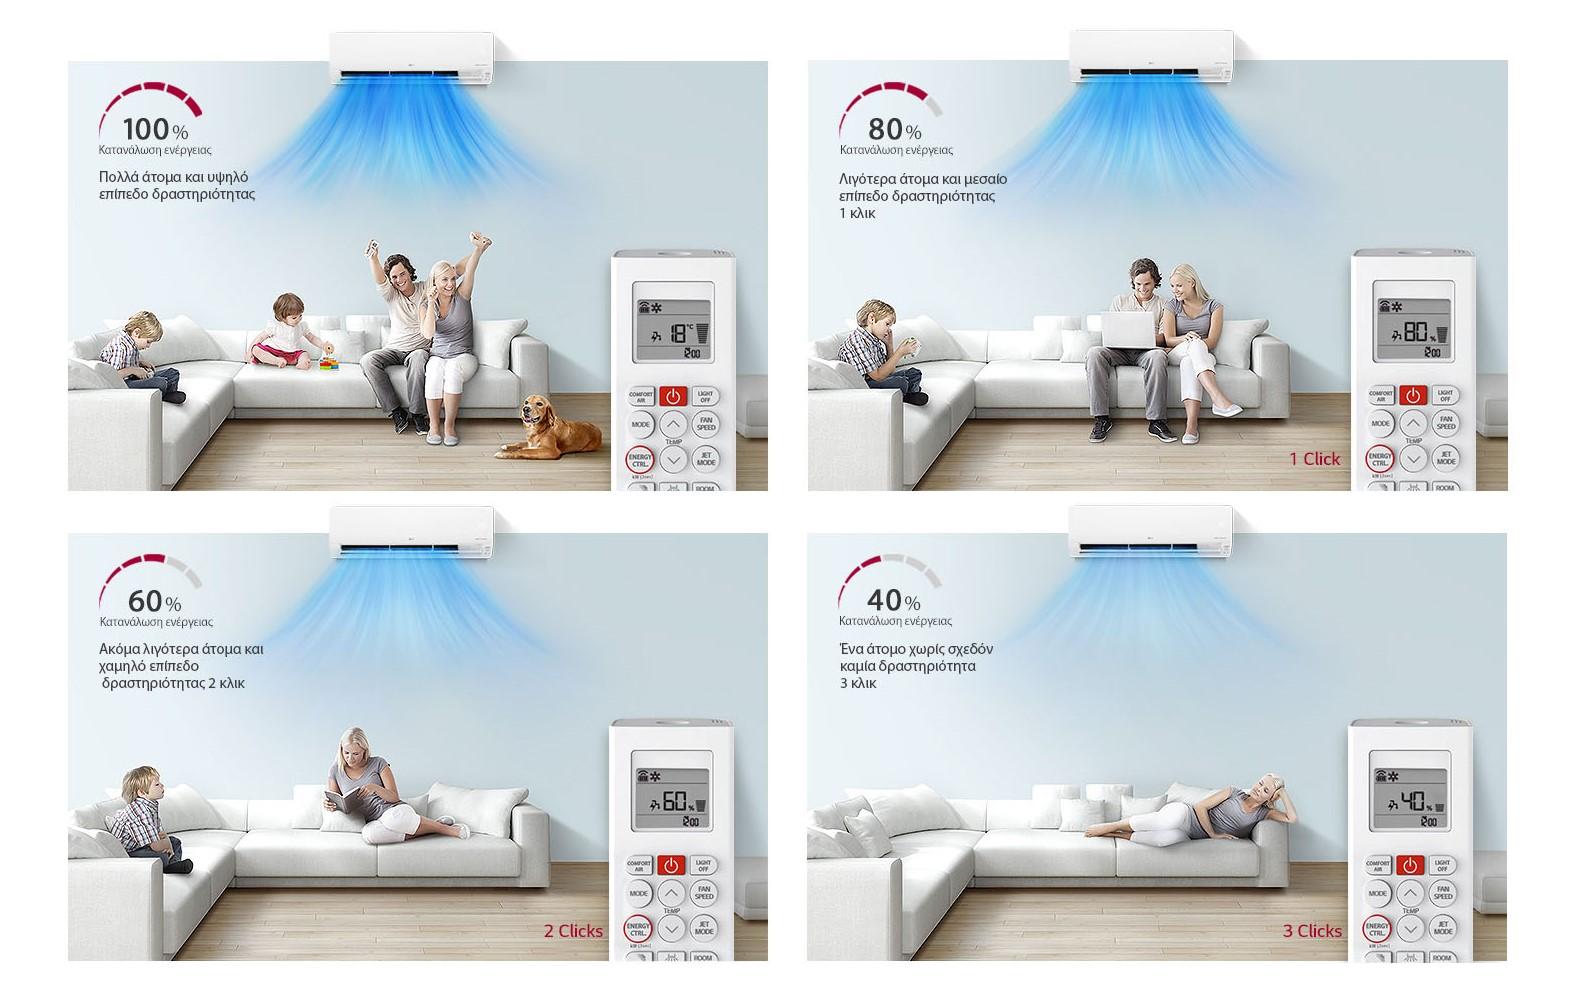 Αναβαθμίστε την ενεργειακή απόδοση του σπιτιού σας με τις οικιακές συσκευές της LG